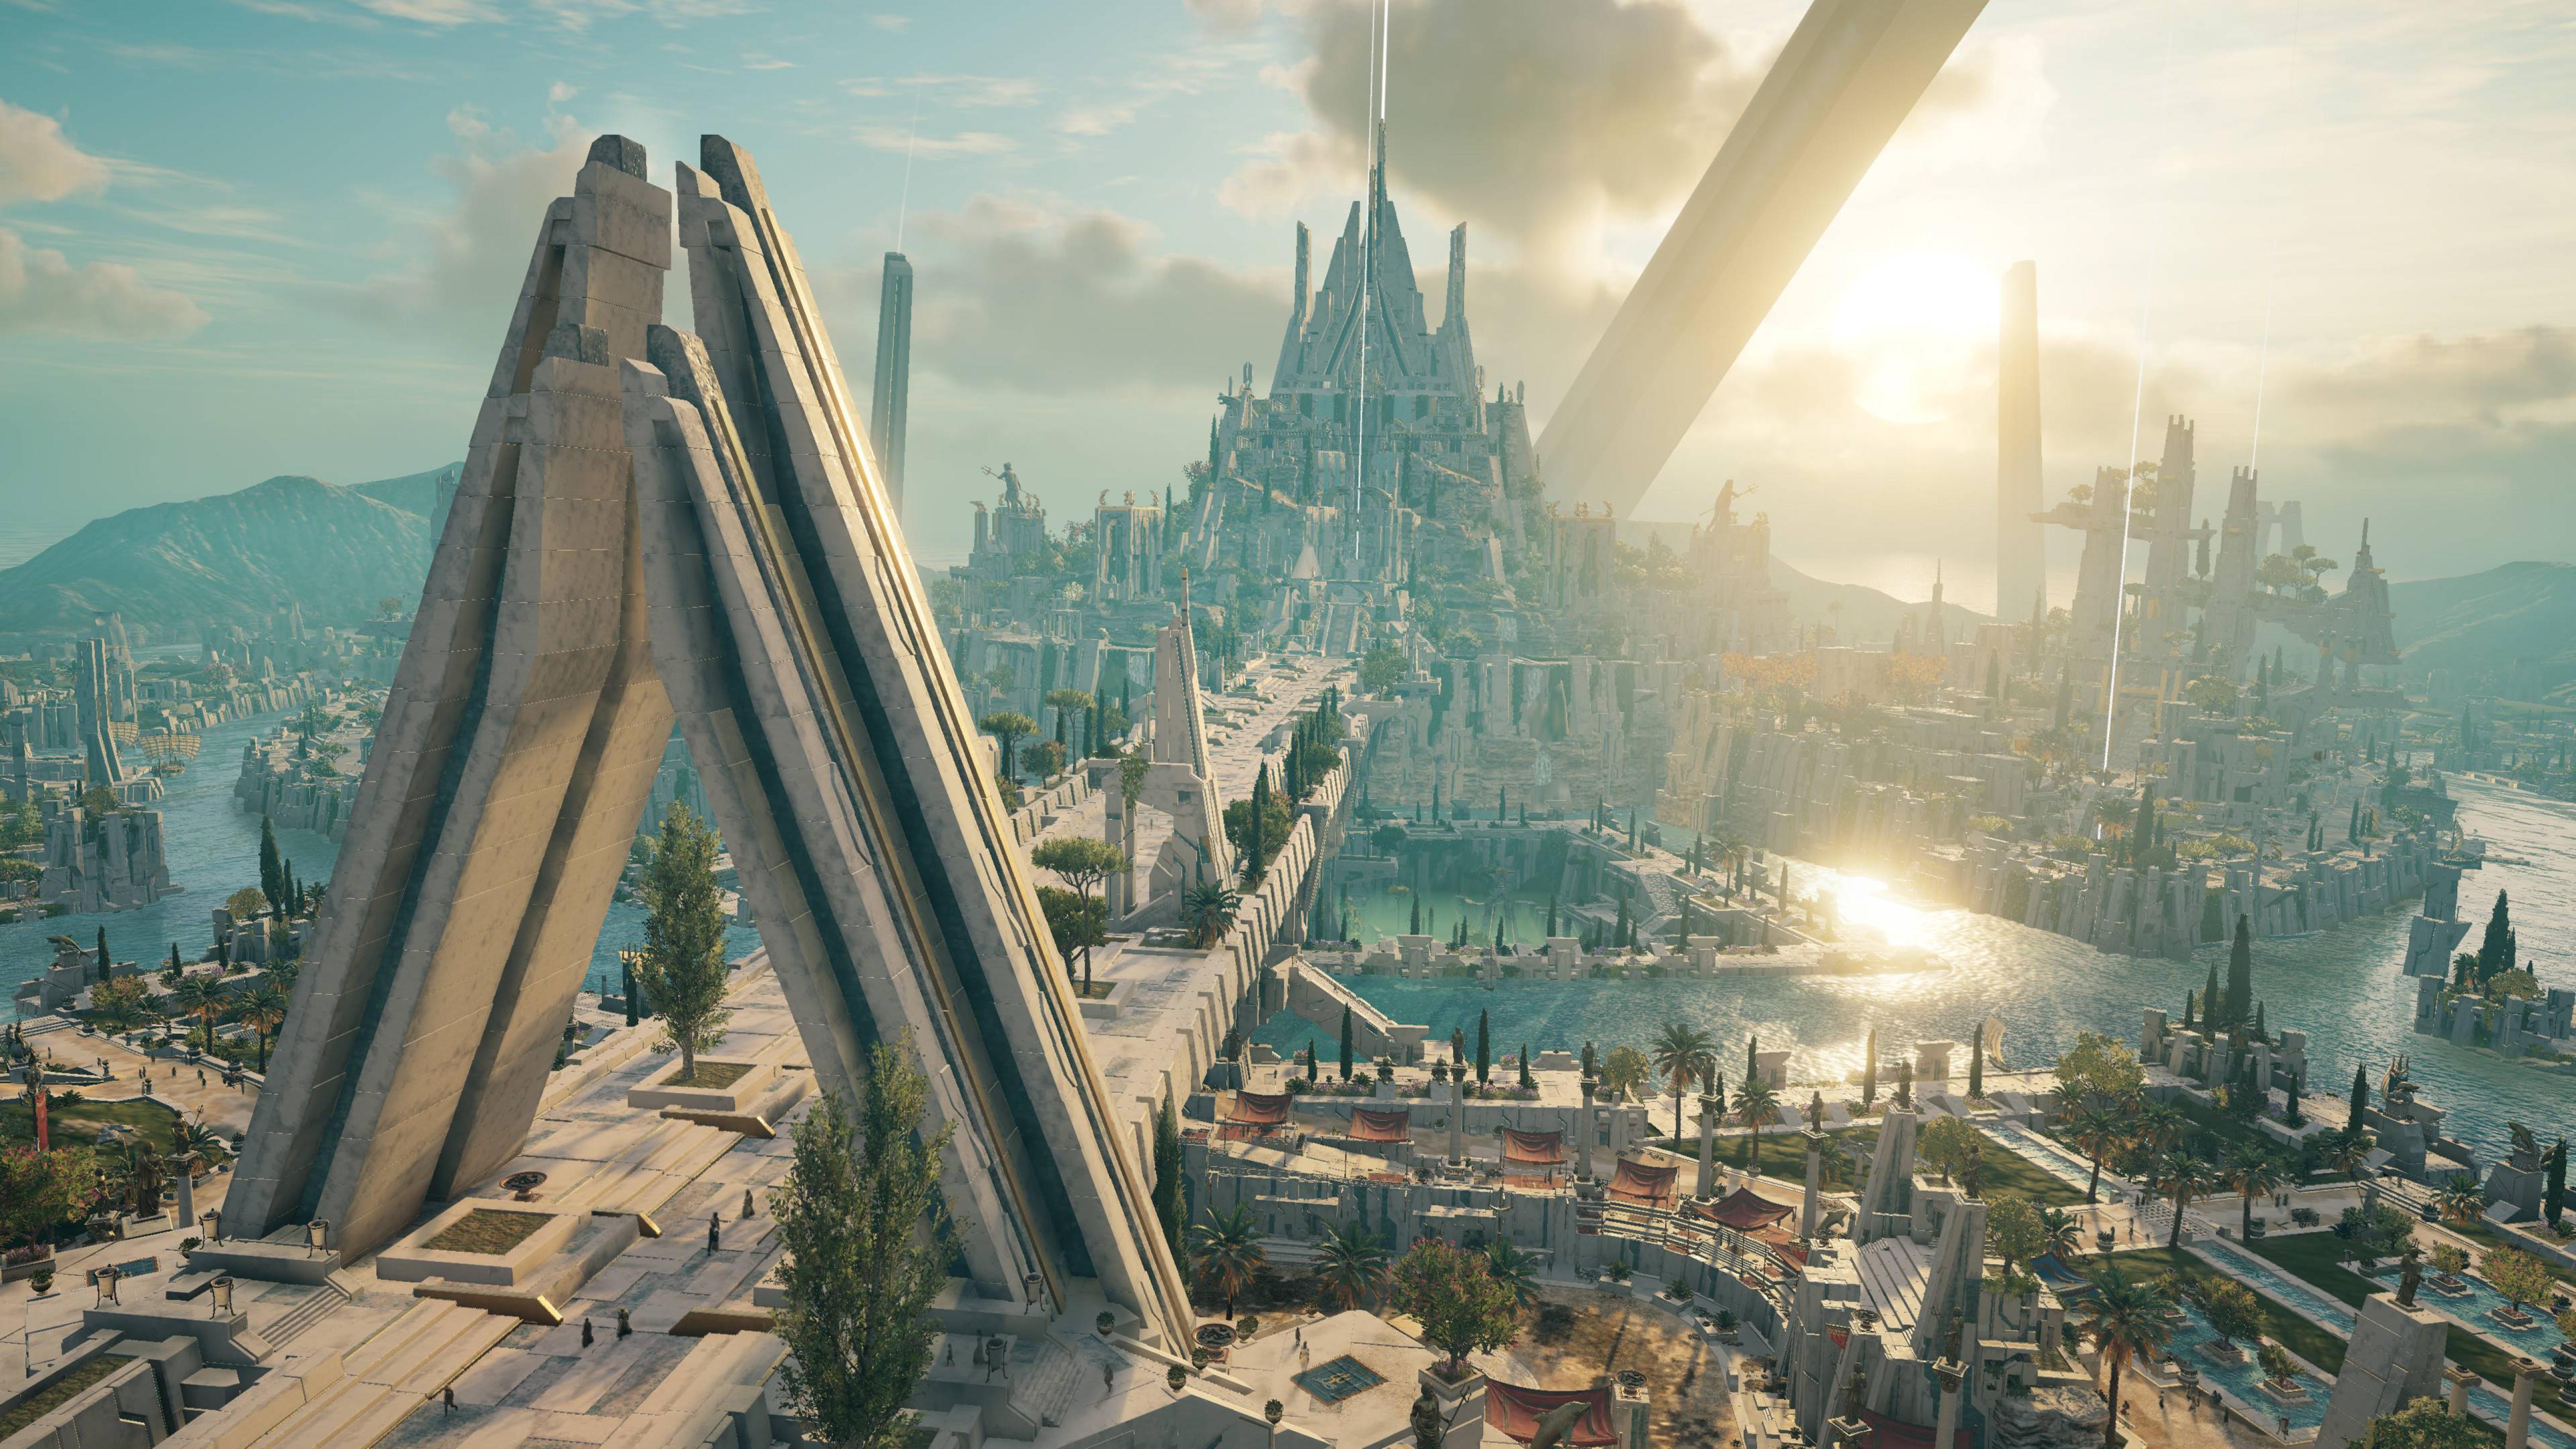 5120x2880 Atlantis In Assassins Creed Odyssey 5k Wallpaper